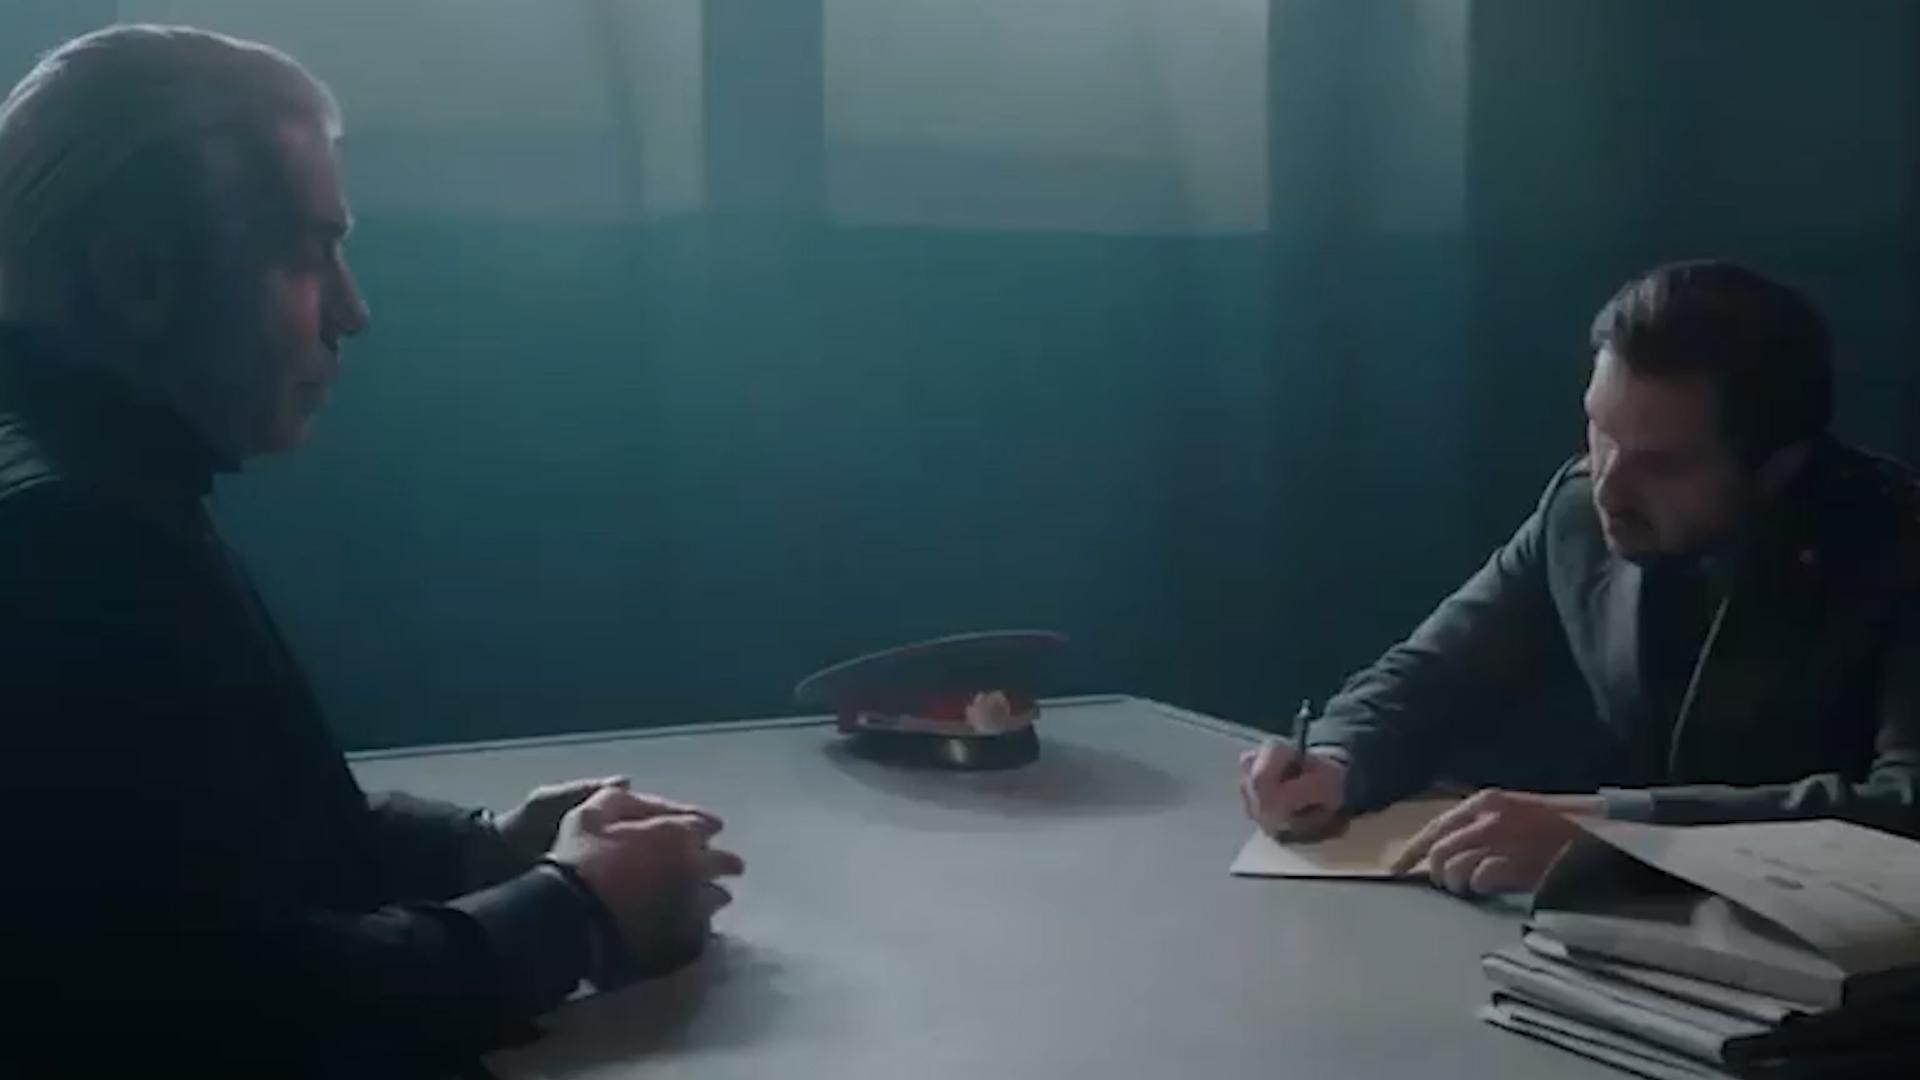 Солист Rammstein выпустил короткометражный фильм Я ненавижу детей